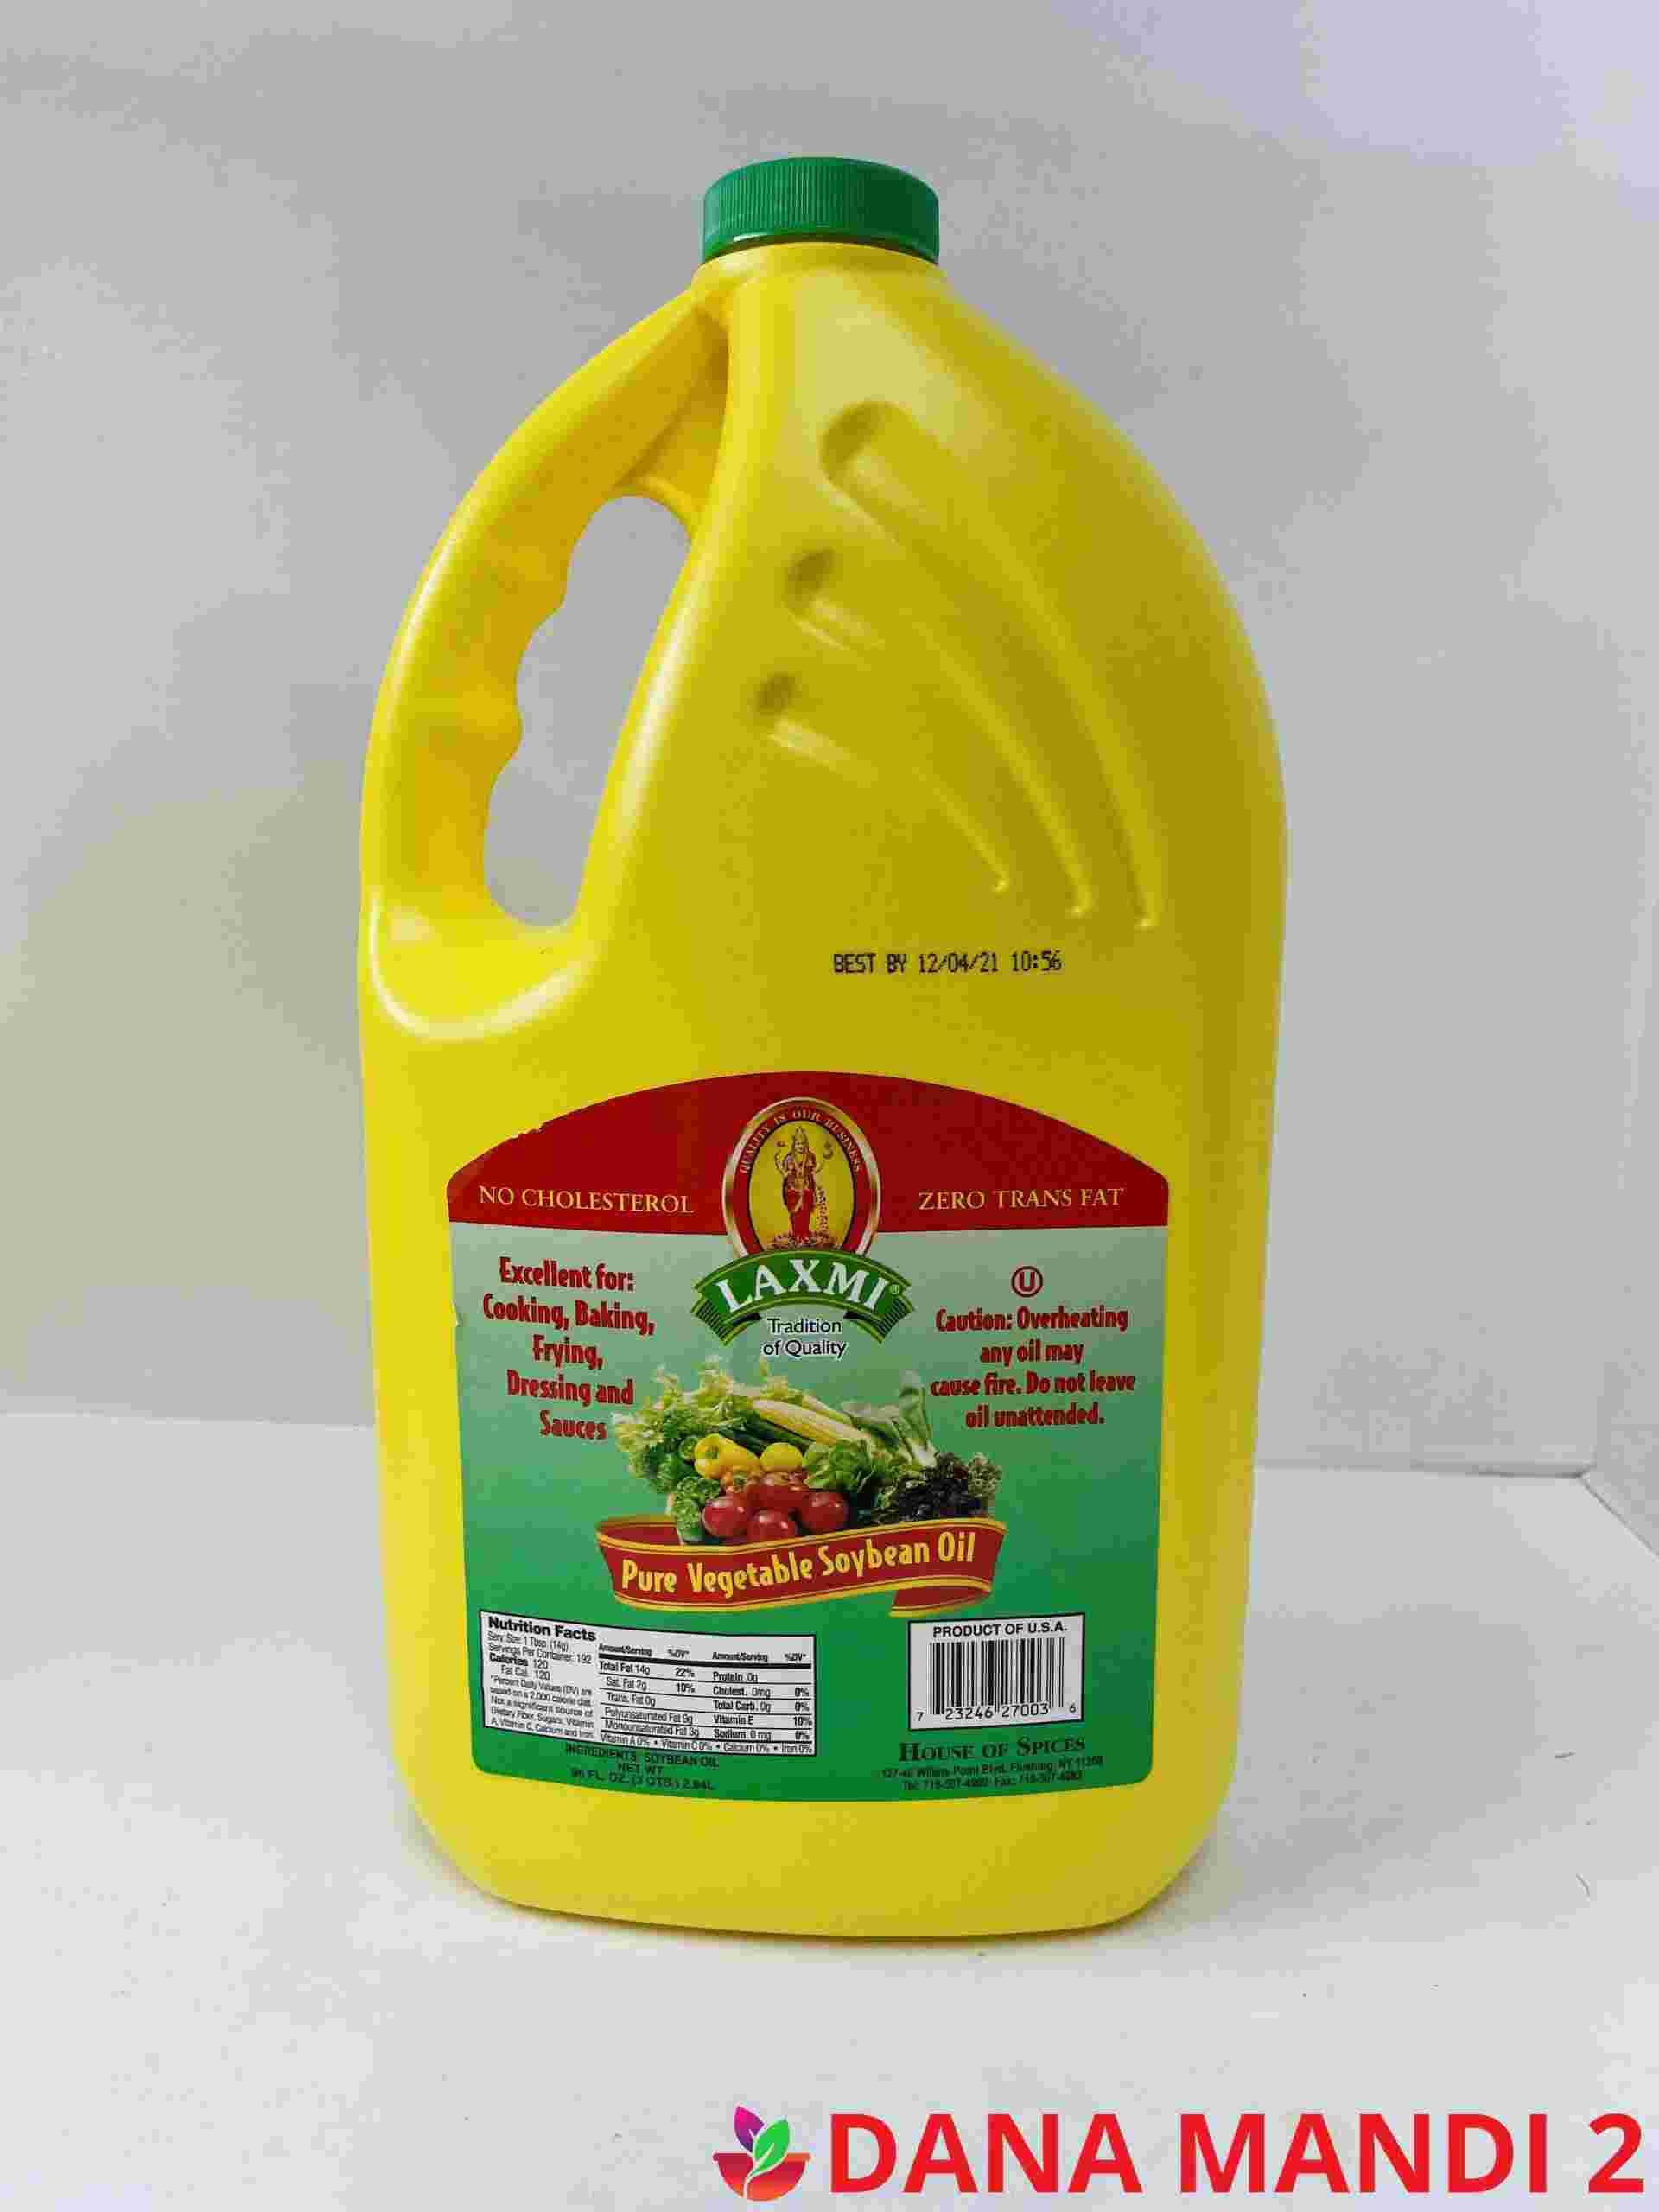 Laxmi Vegtable Oil